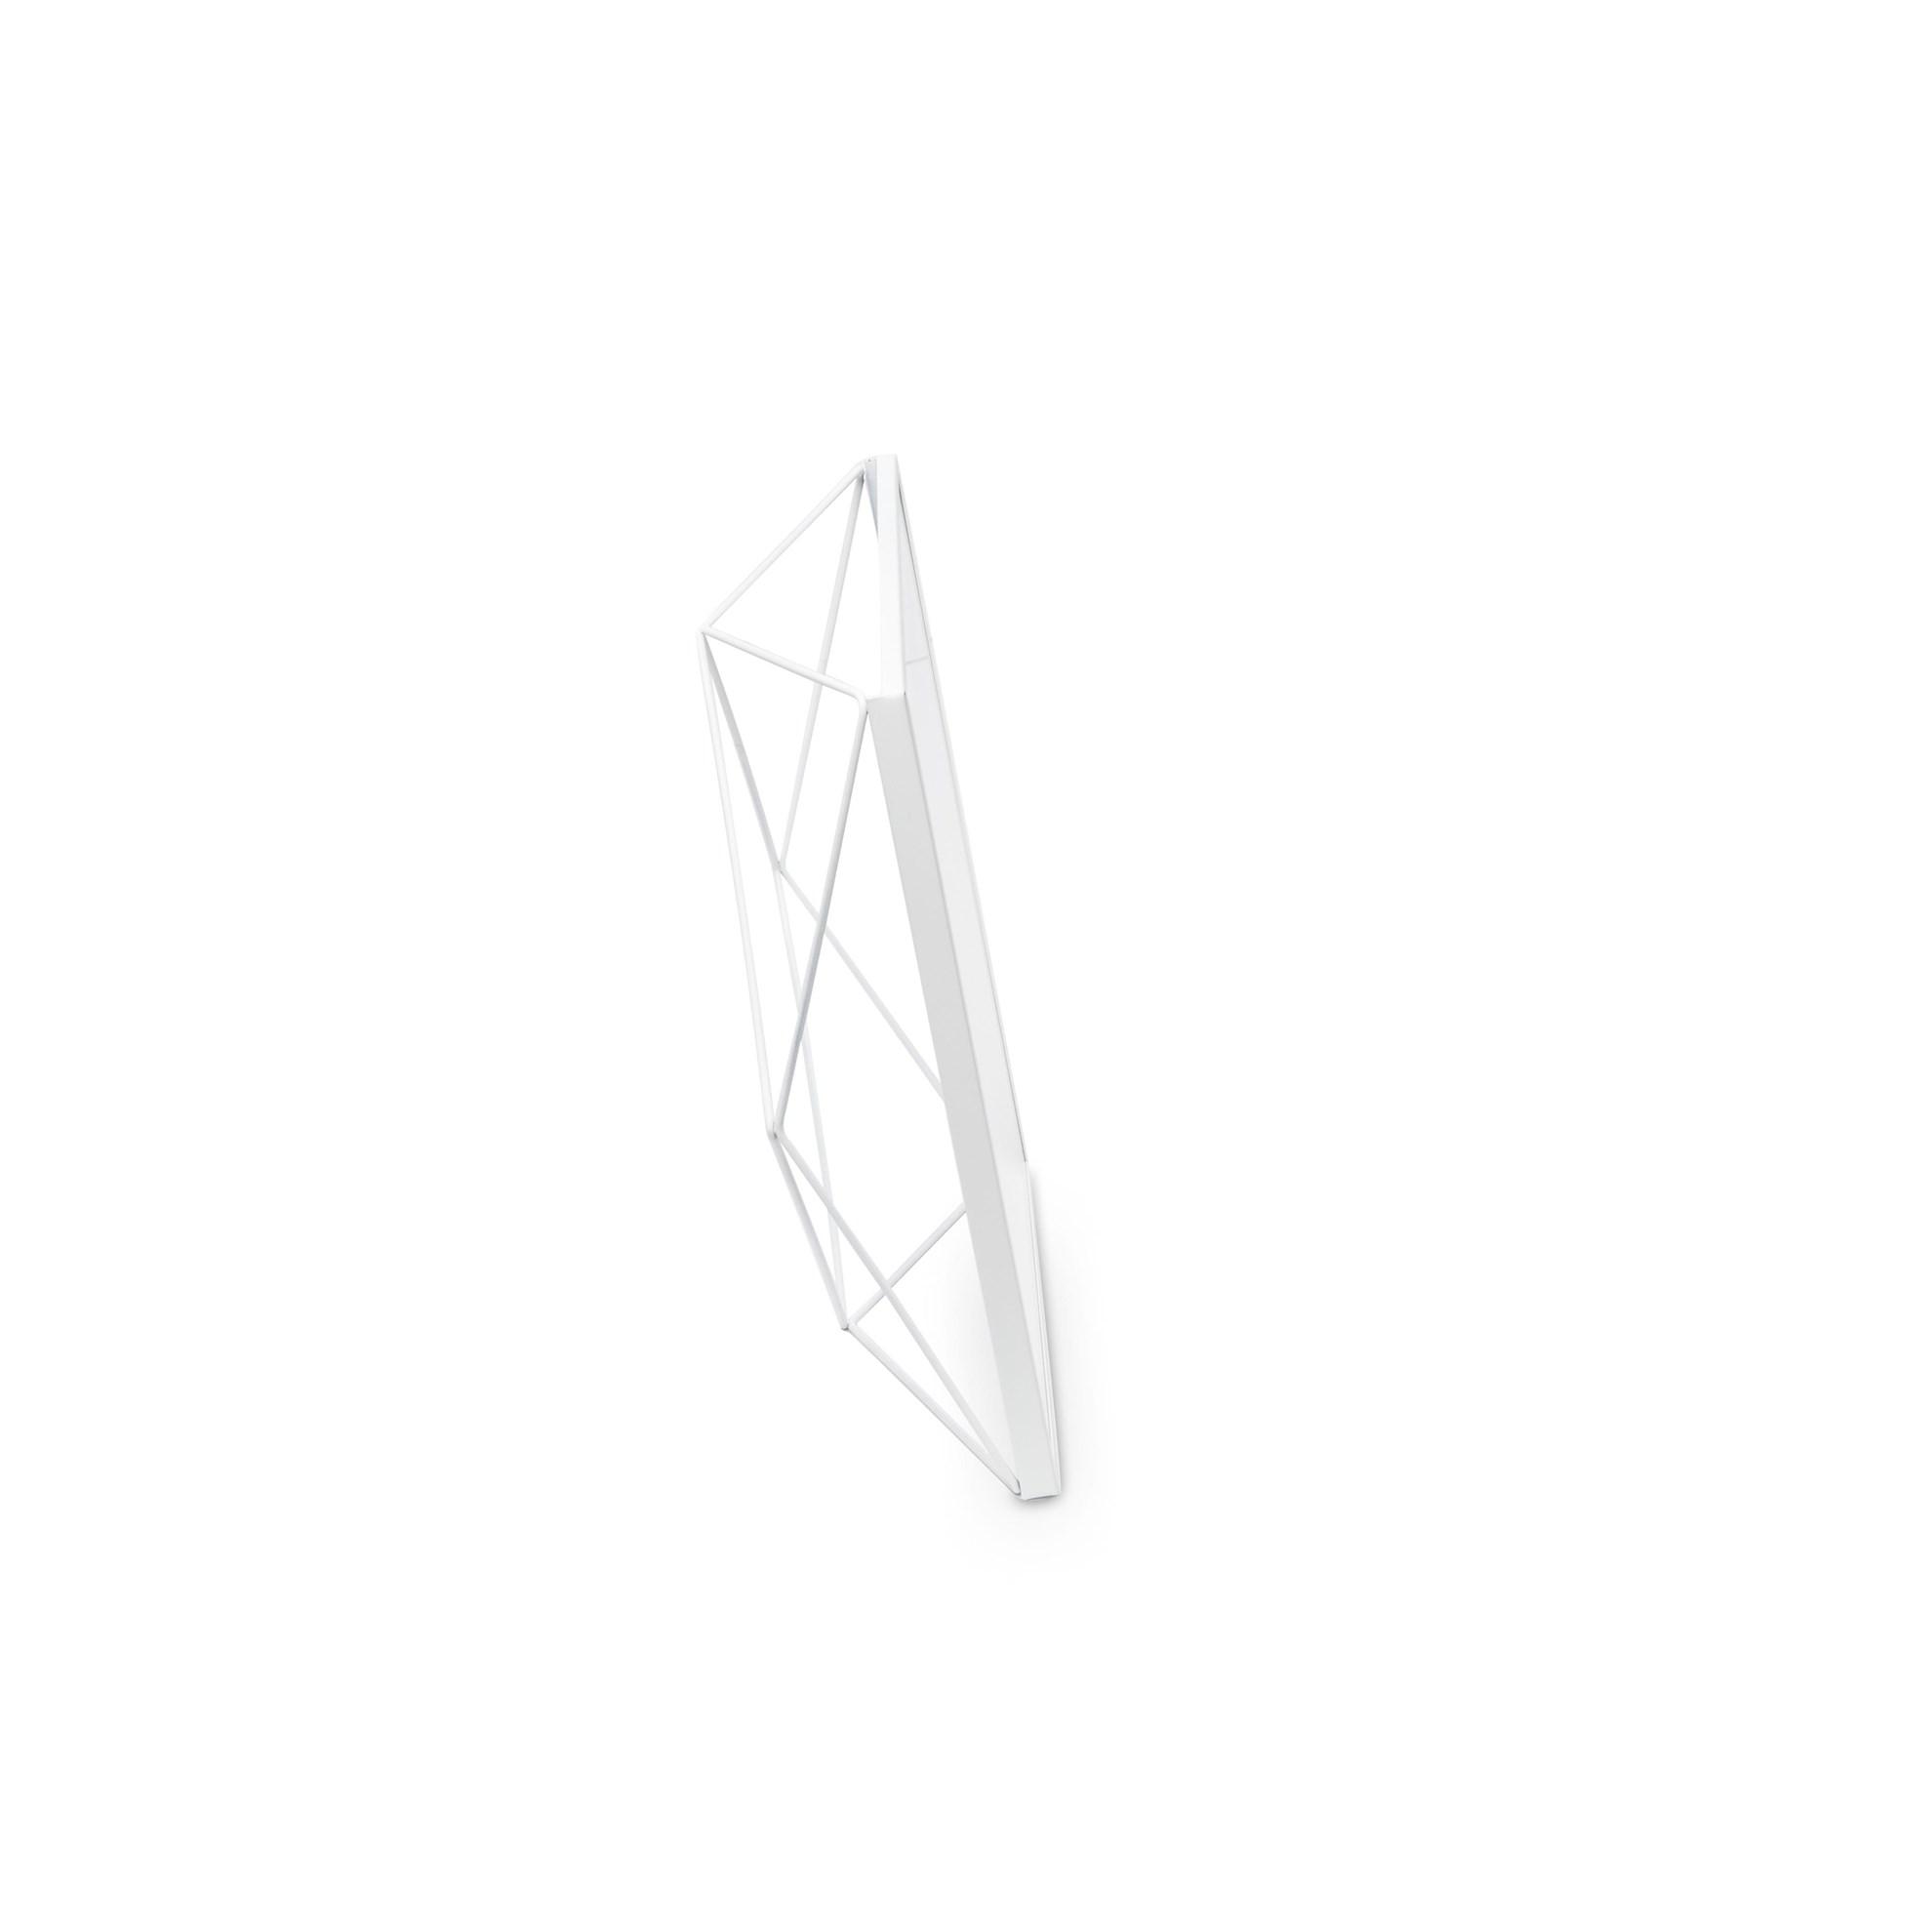 Fotorámeček PRISMA 13x18 cm bílý_1